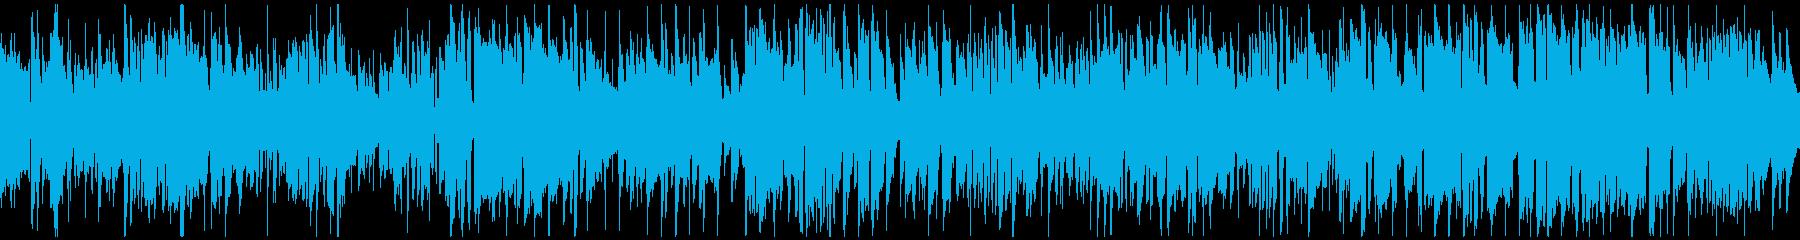 レトロフューチャーフュージョン※ループ版の再生済みの波形